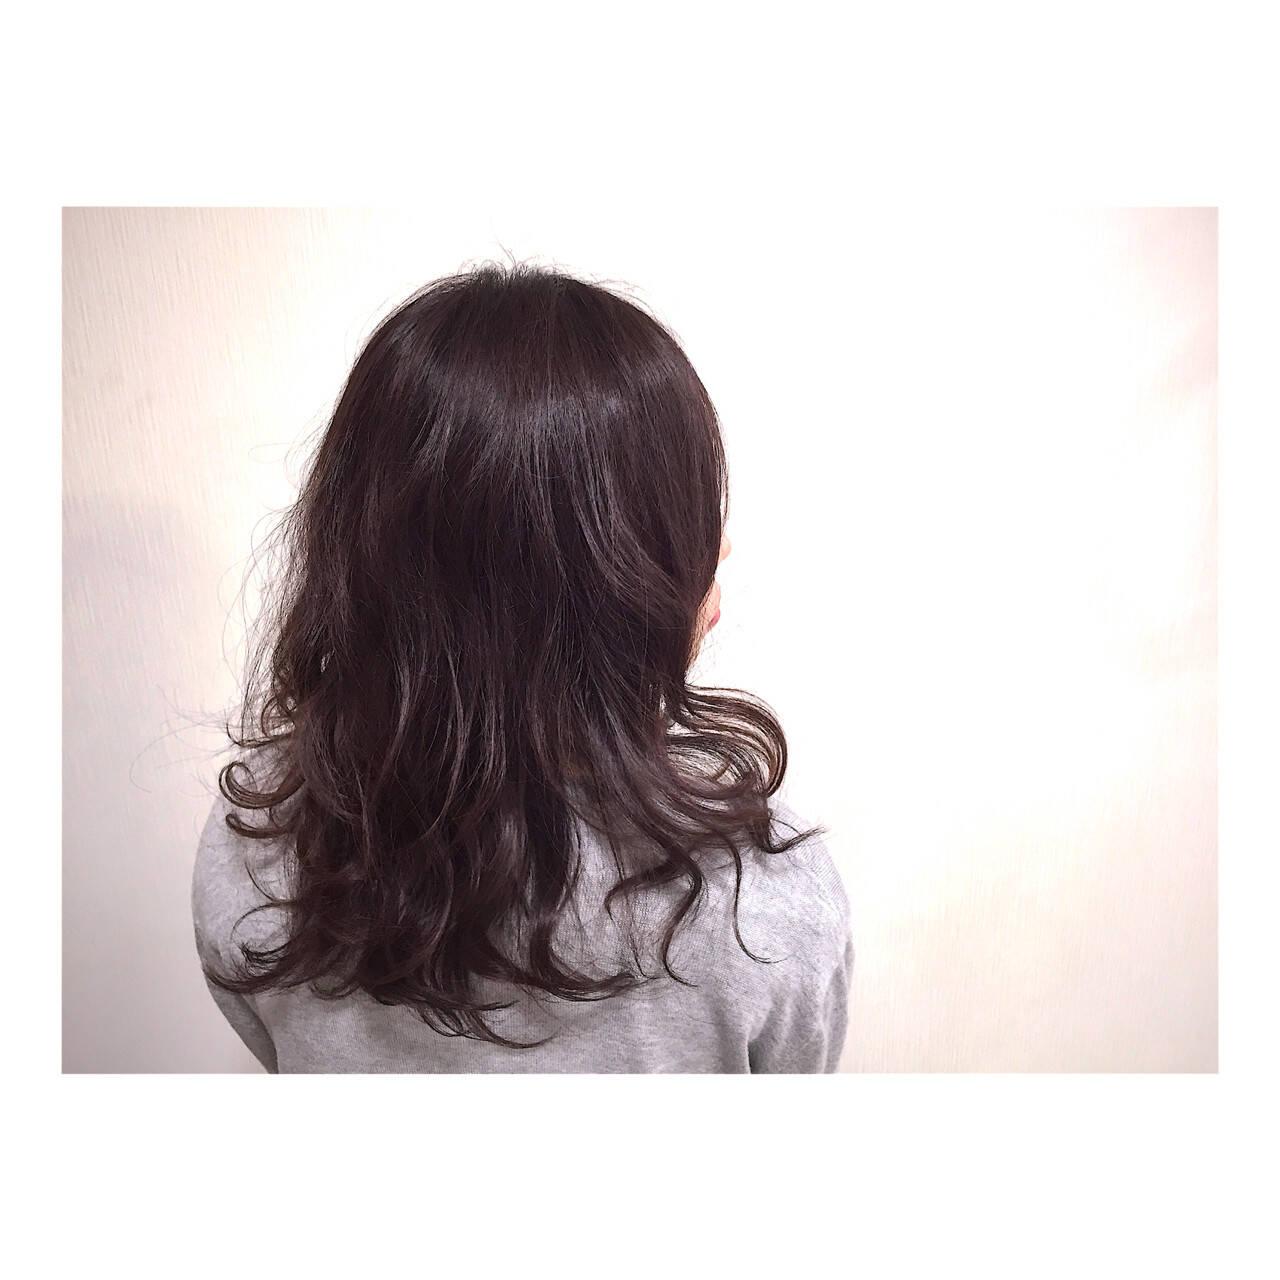 外国人風 大人かわいい セミロング 暗髪ヘアスタイルや髪型の写真・画像